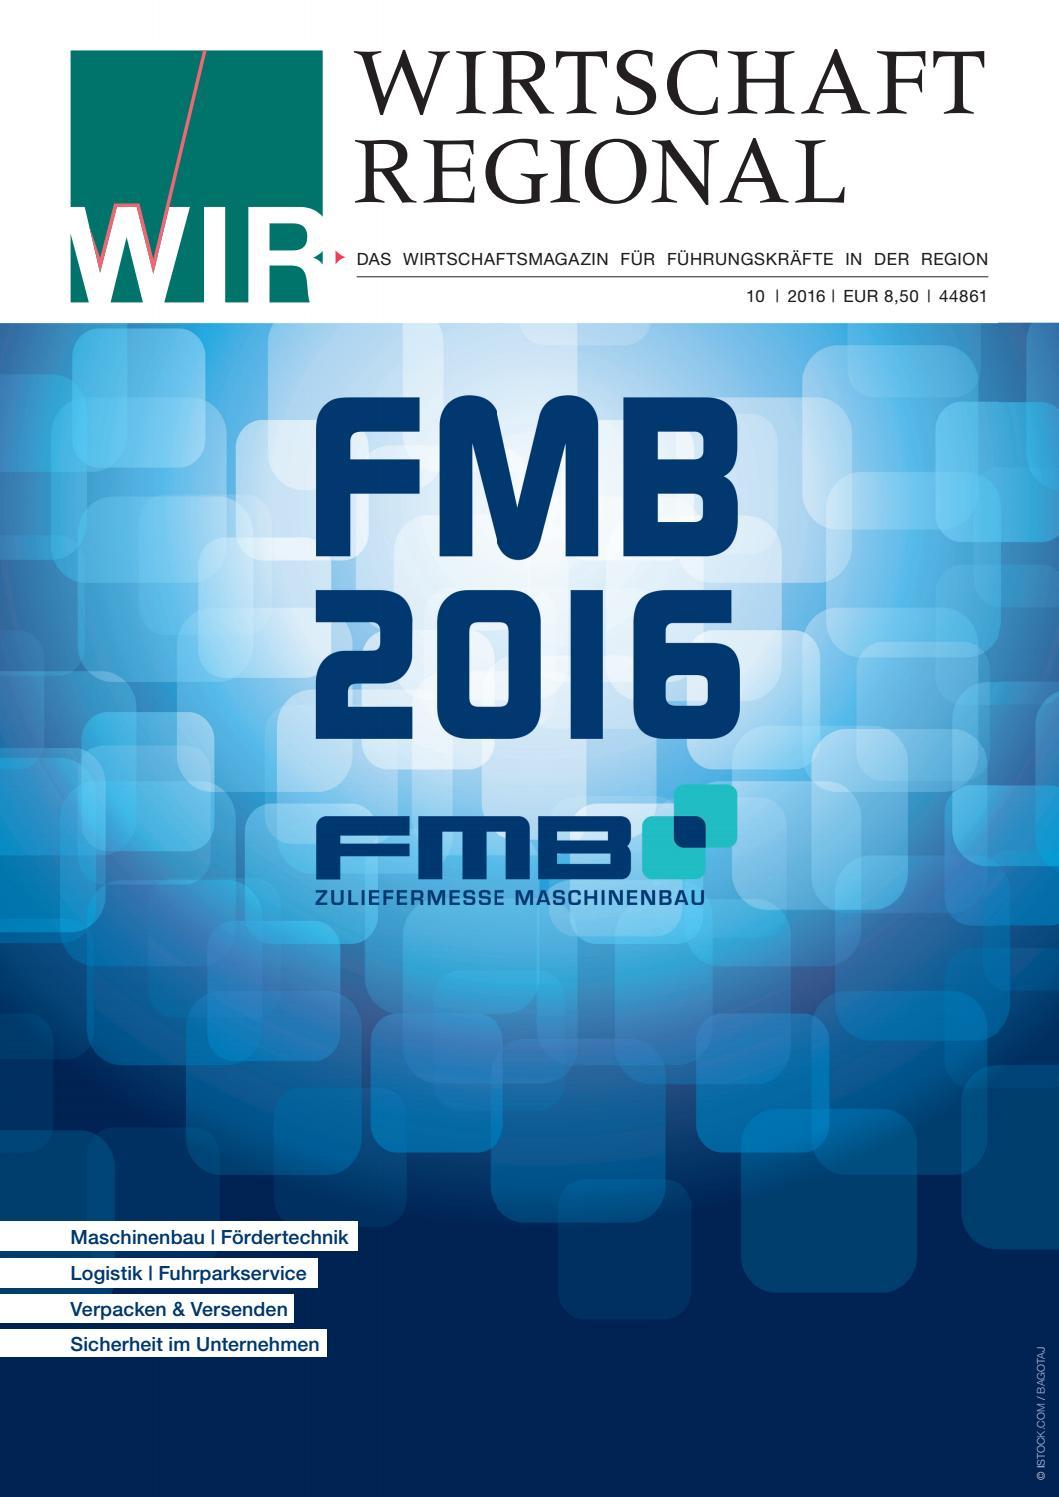 Wir Wirtschaft Regional 10 2016 By Press Medien Gmbh Co